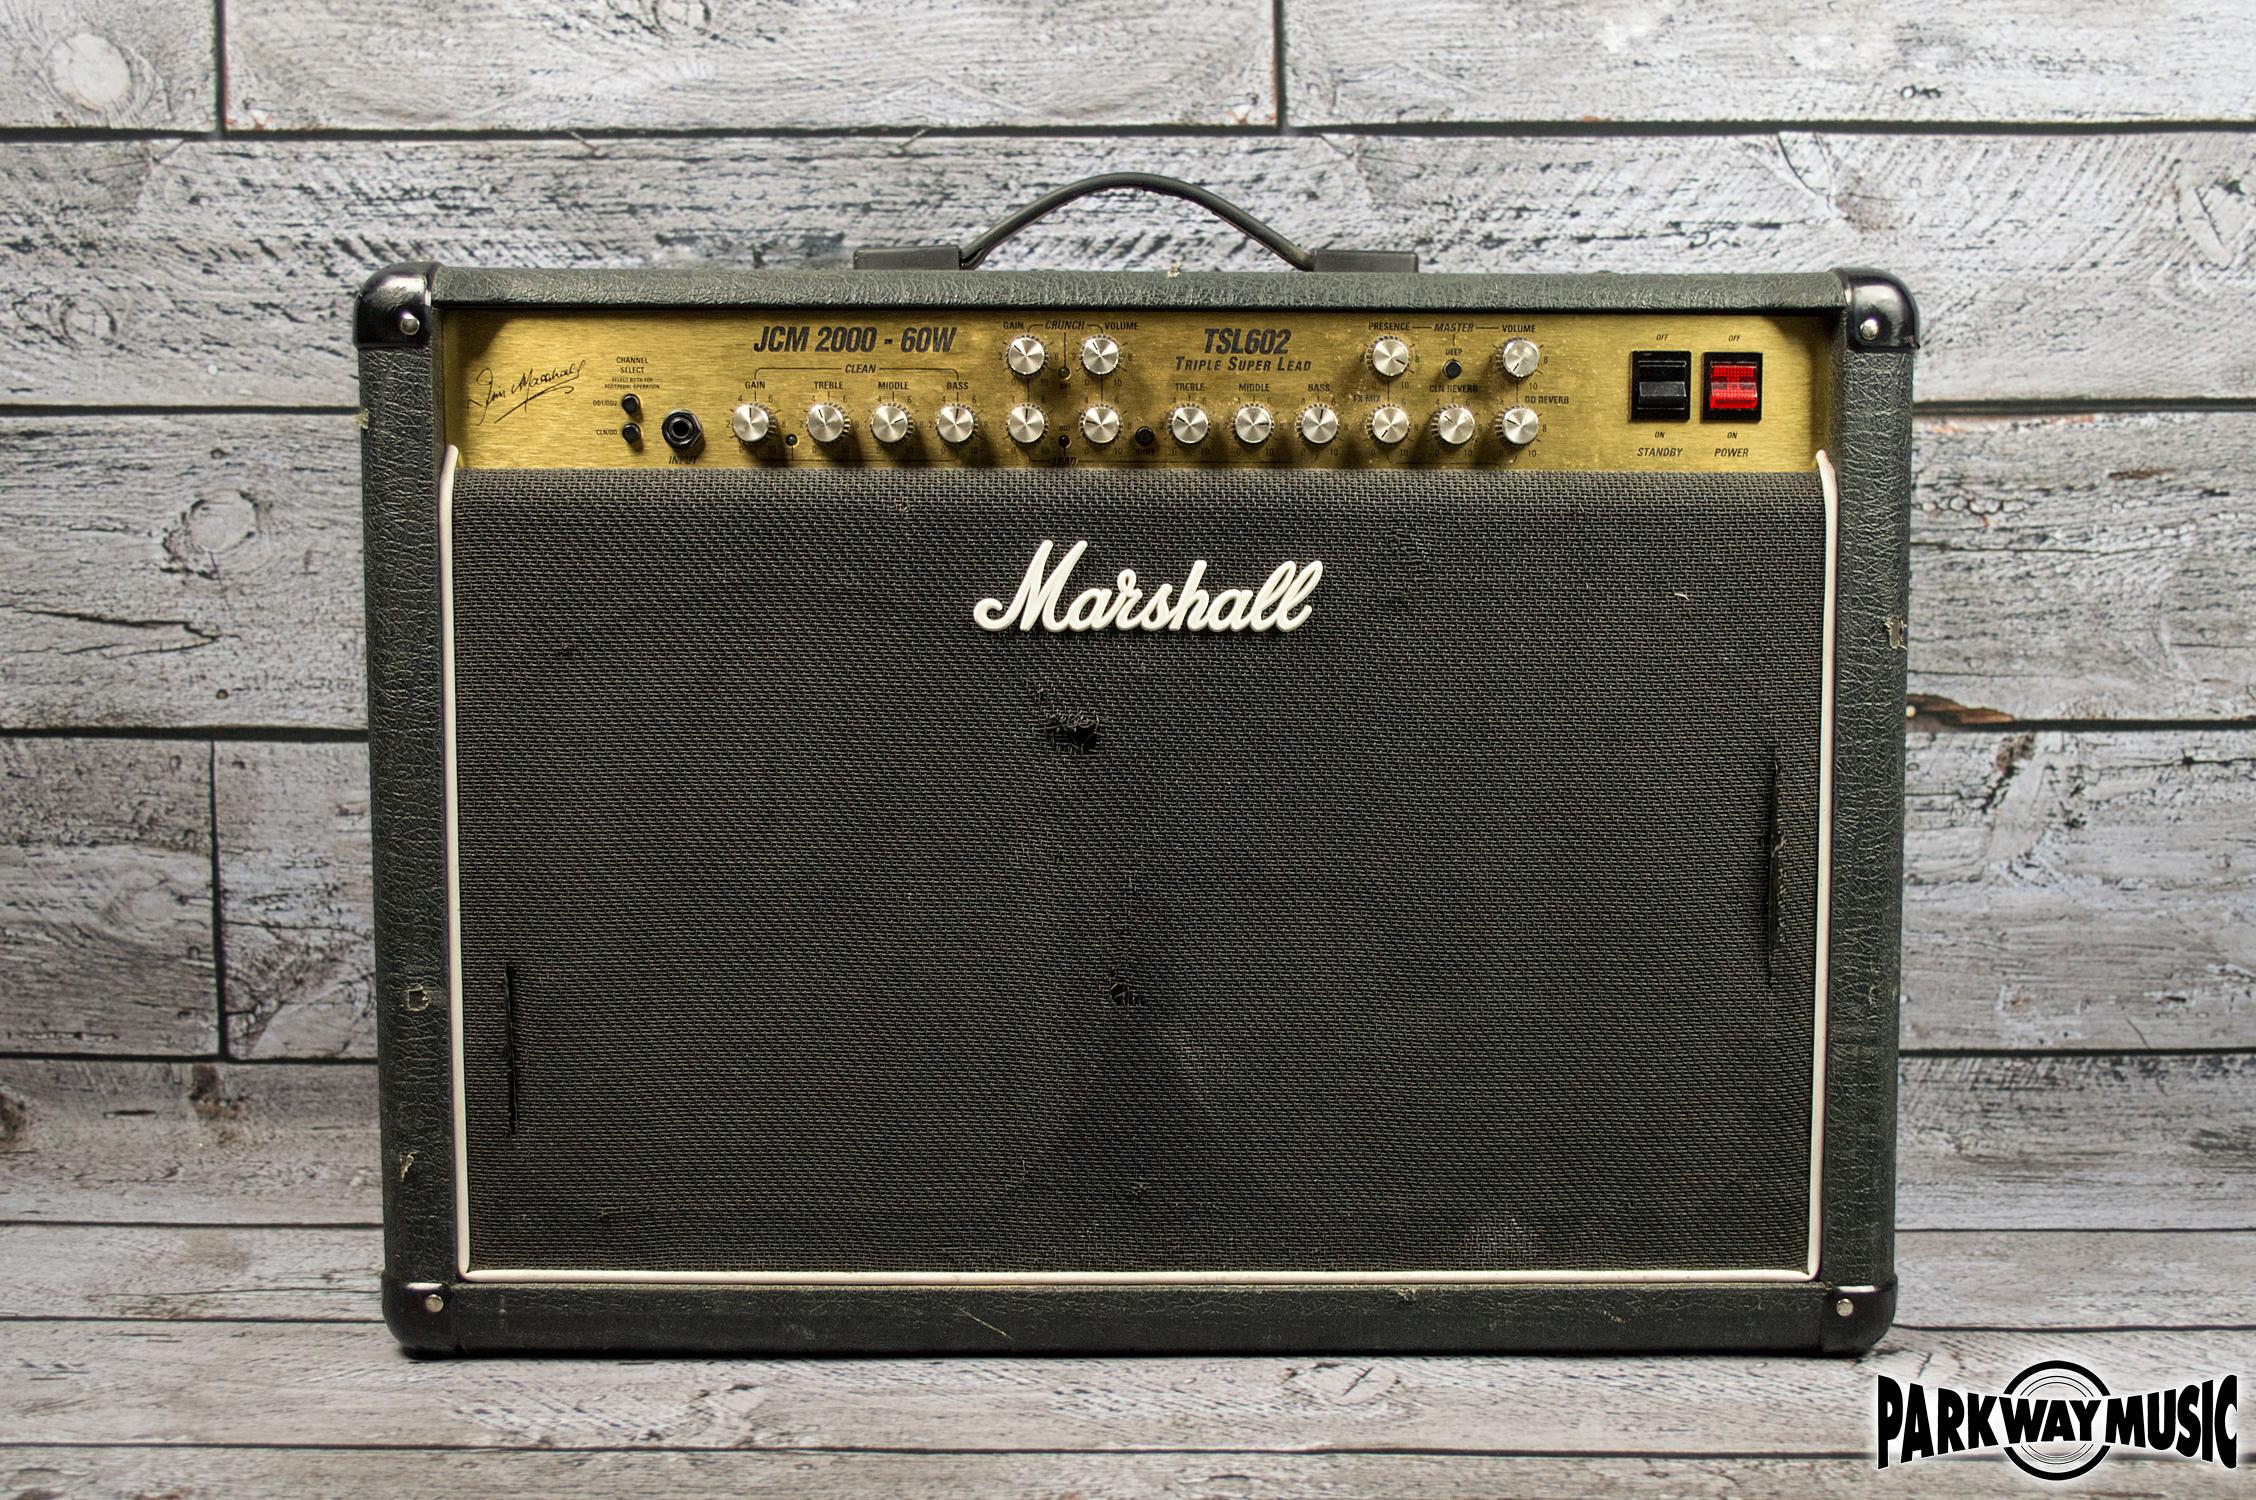 Marshall JCM 2000 TSL602 (USED)